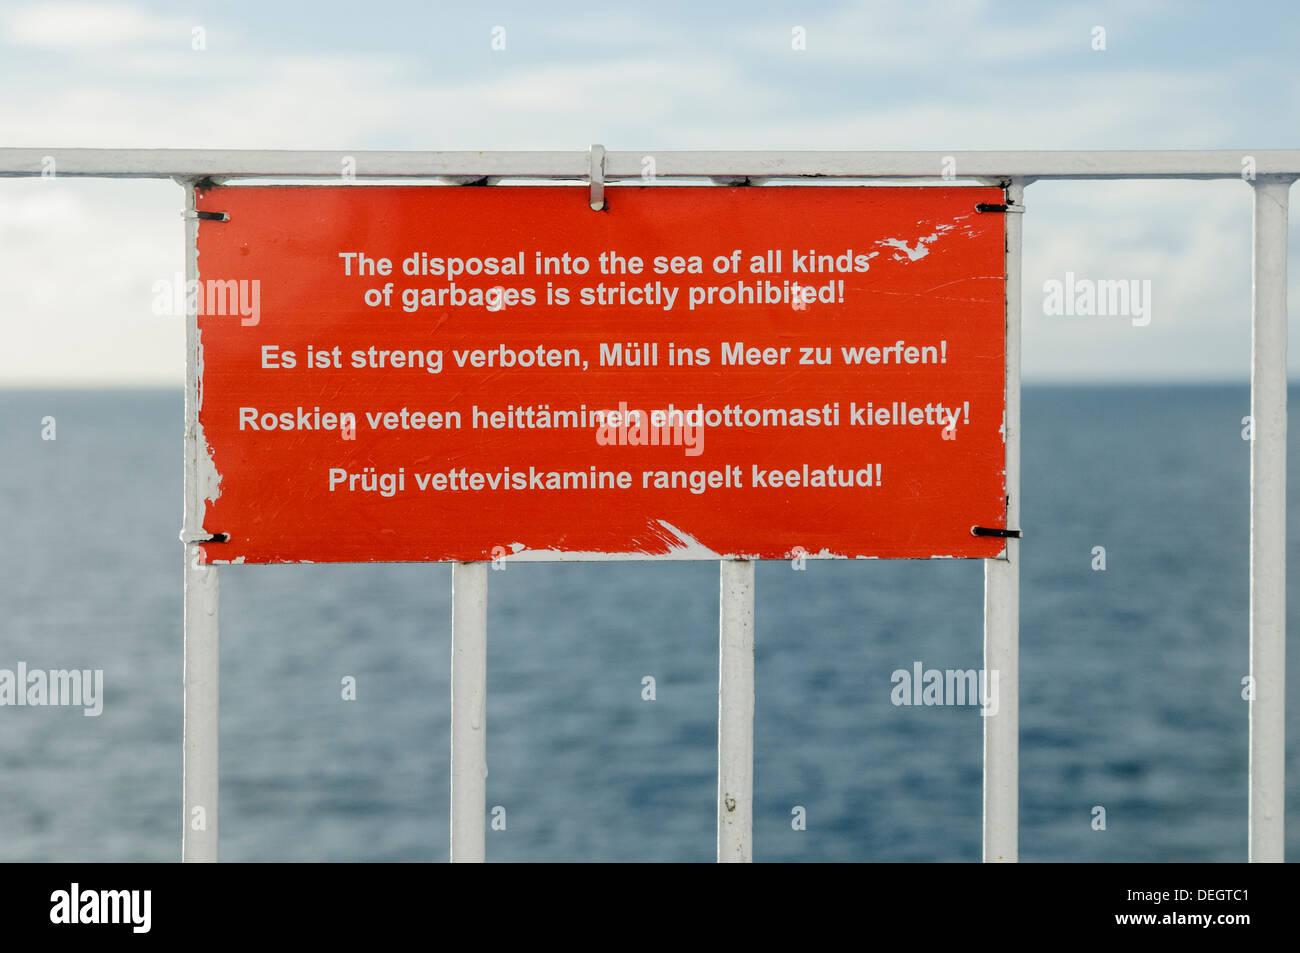 Anuncio sobre un buque en Engllish, alemán, finlandés y estonio advirtiendo que la basura no se debe thown en el mar Imagen De Stock